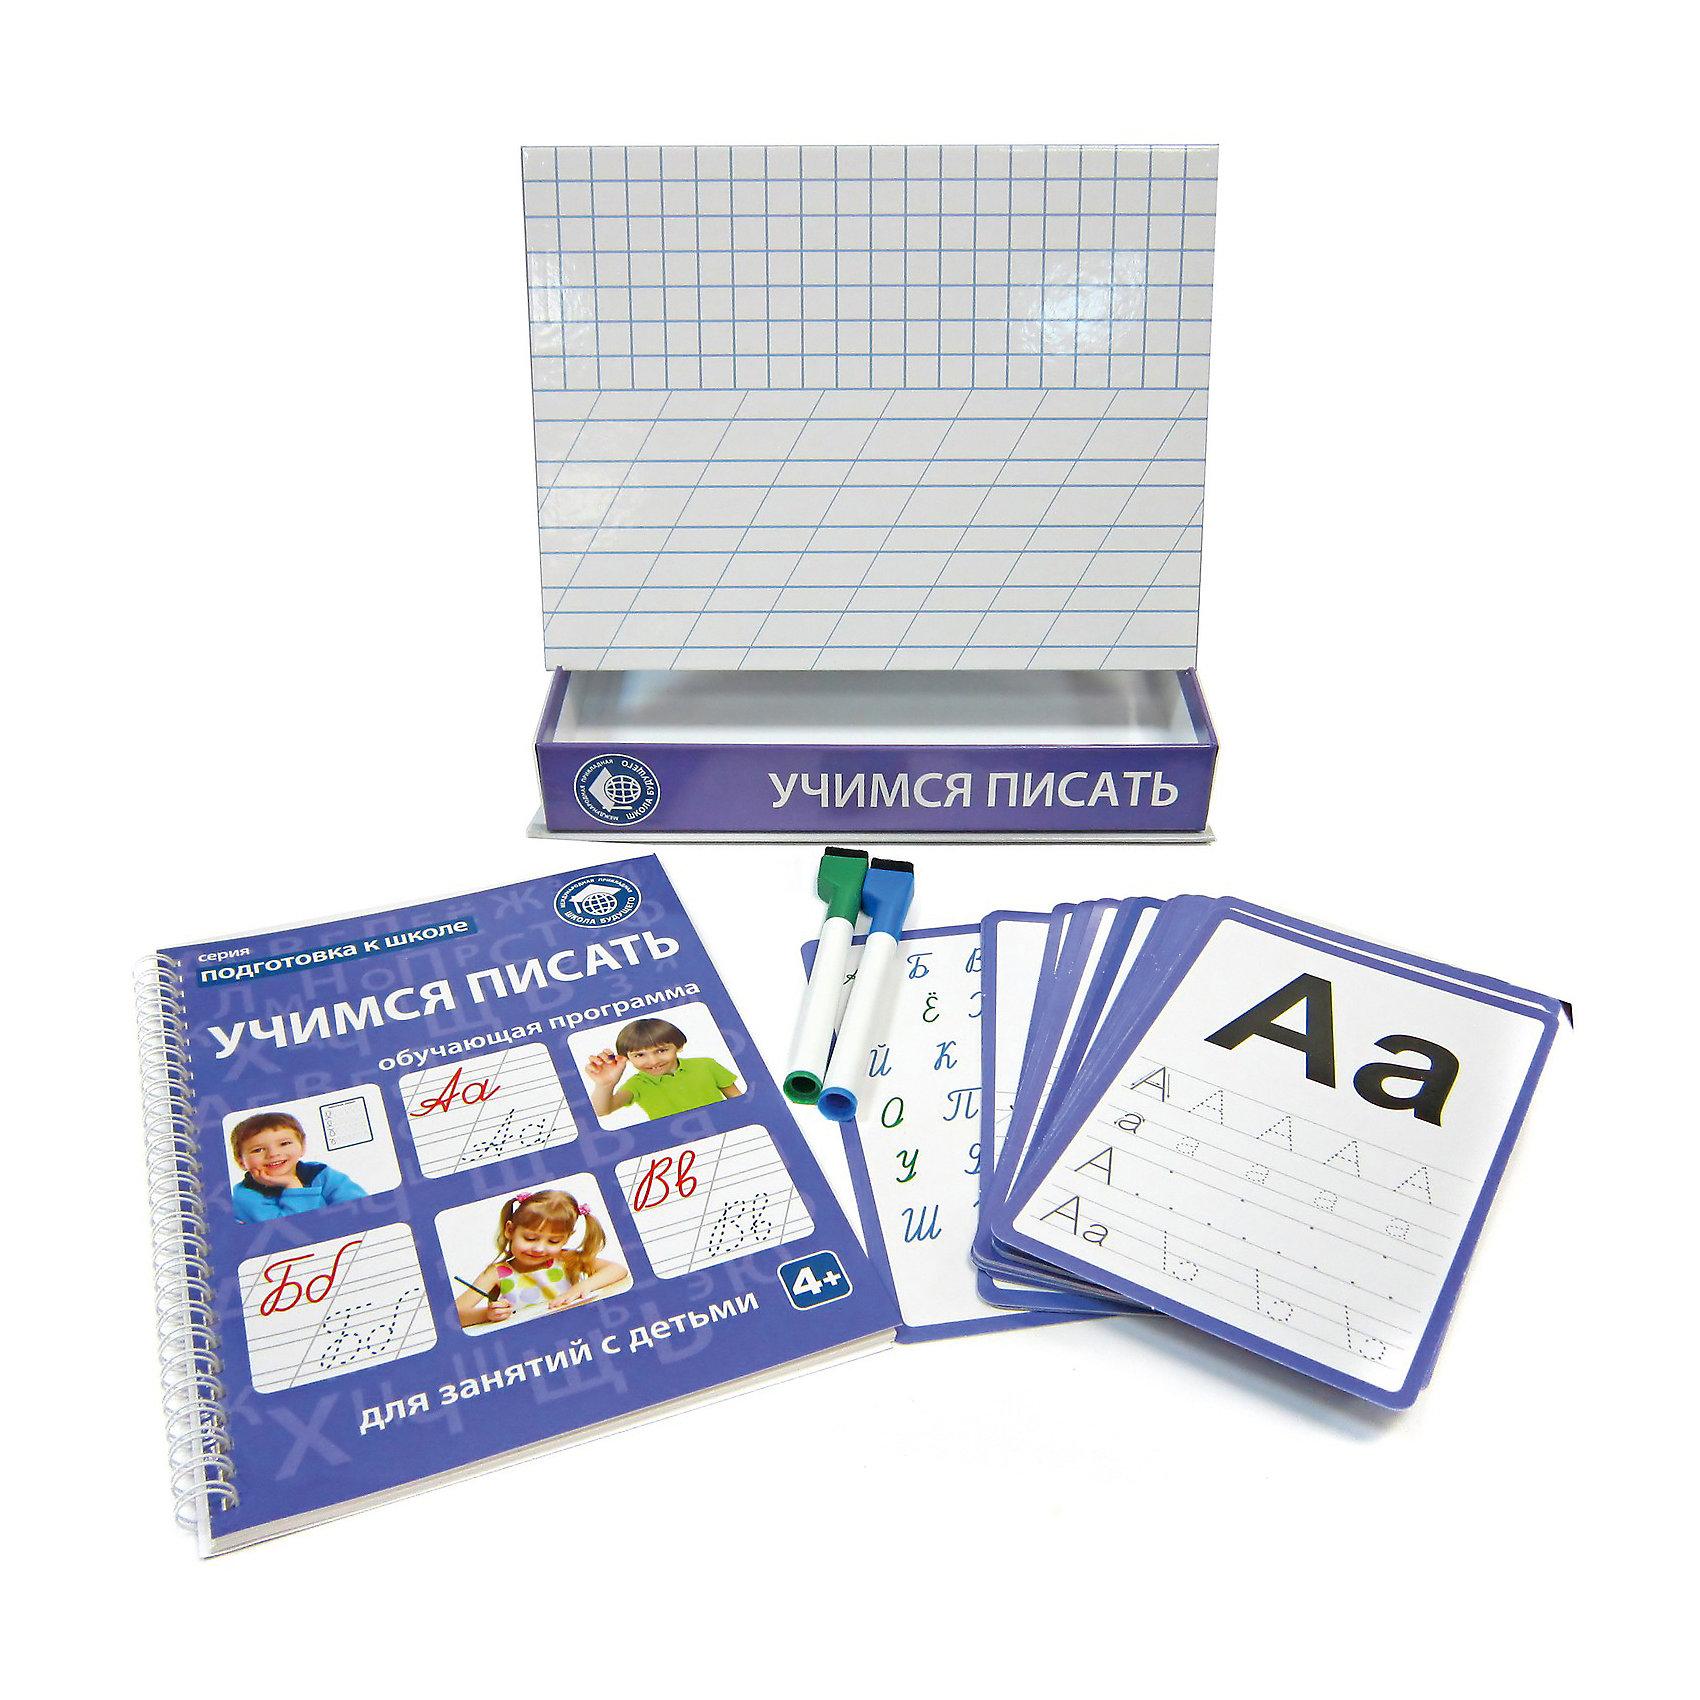 Обучающий набор «Учимся писать: от линии к букве»Обучающий набор «УЧИМСЯ ПИСАТЬ: от линии к букве» - необходимая вещь при подготовке к школе. В наборе вы найдете красочные обучающие карточки, современные прописи, специальные маркеры «пиши-стирай», а также магнитную доску для занятий. Обучающая программа включает в себя огромное количество упражнений, которые помогут развить моторику и концентрацию внимания. Ребенок научится обводить по контуру буквы, проводить прямые линии, рисовать по клеточкам и точкам, дорисовывать недостающие части рисунка и многое другое.<br>В комплект входит: 1  доска для занятий, 40 обучающих карточек, 2  маркера «пиши-стирай», обучающая программа (книжка для родителей).<br>Набор продается в картонной коробке. Ее размер: 20,3х26,5х4,5 см.<br>Рекомендуется детям старше 4 лет.<br><br>Ширина мм: 265<br>Глубина мм: 45<br>Высота мм: 203<br>Вес г: 954<br>Возраст от месяцев: 36<br>Возраст до месяцев: 72<br>Пол: Унисекс<br>Возраст: Детский<br>SKU: 5426453